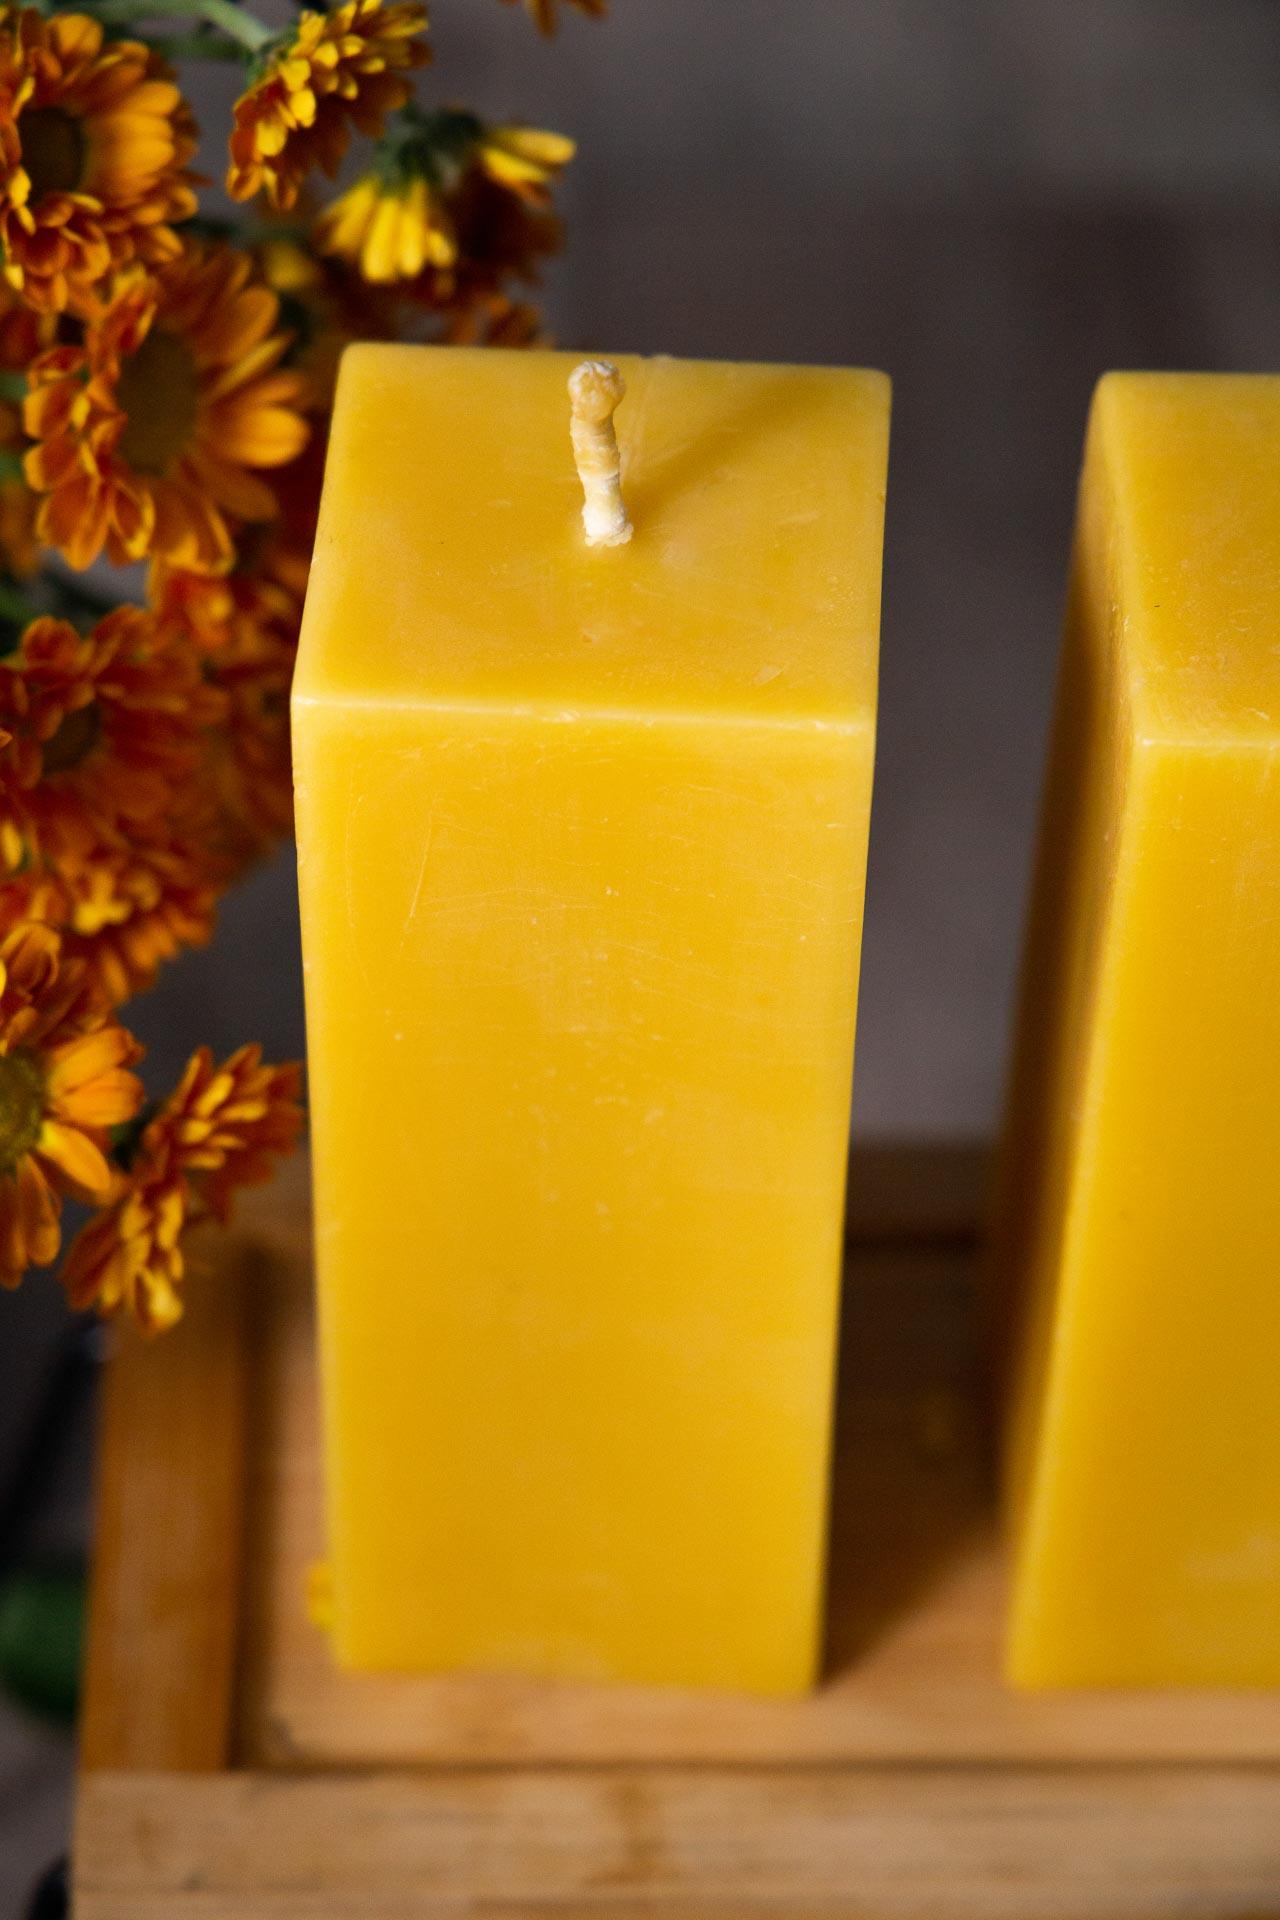 4x 4-eckig  (ca. 15cm x 5,5cm) aus 100% Bienenwachs vom Imker